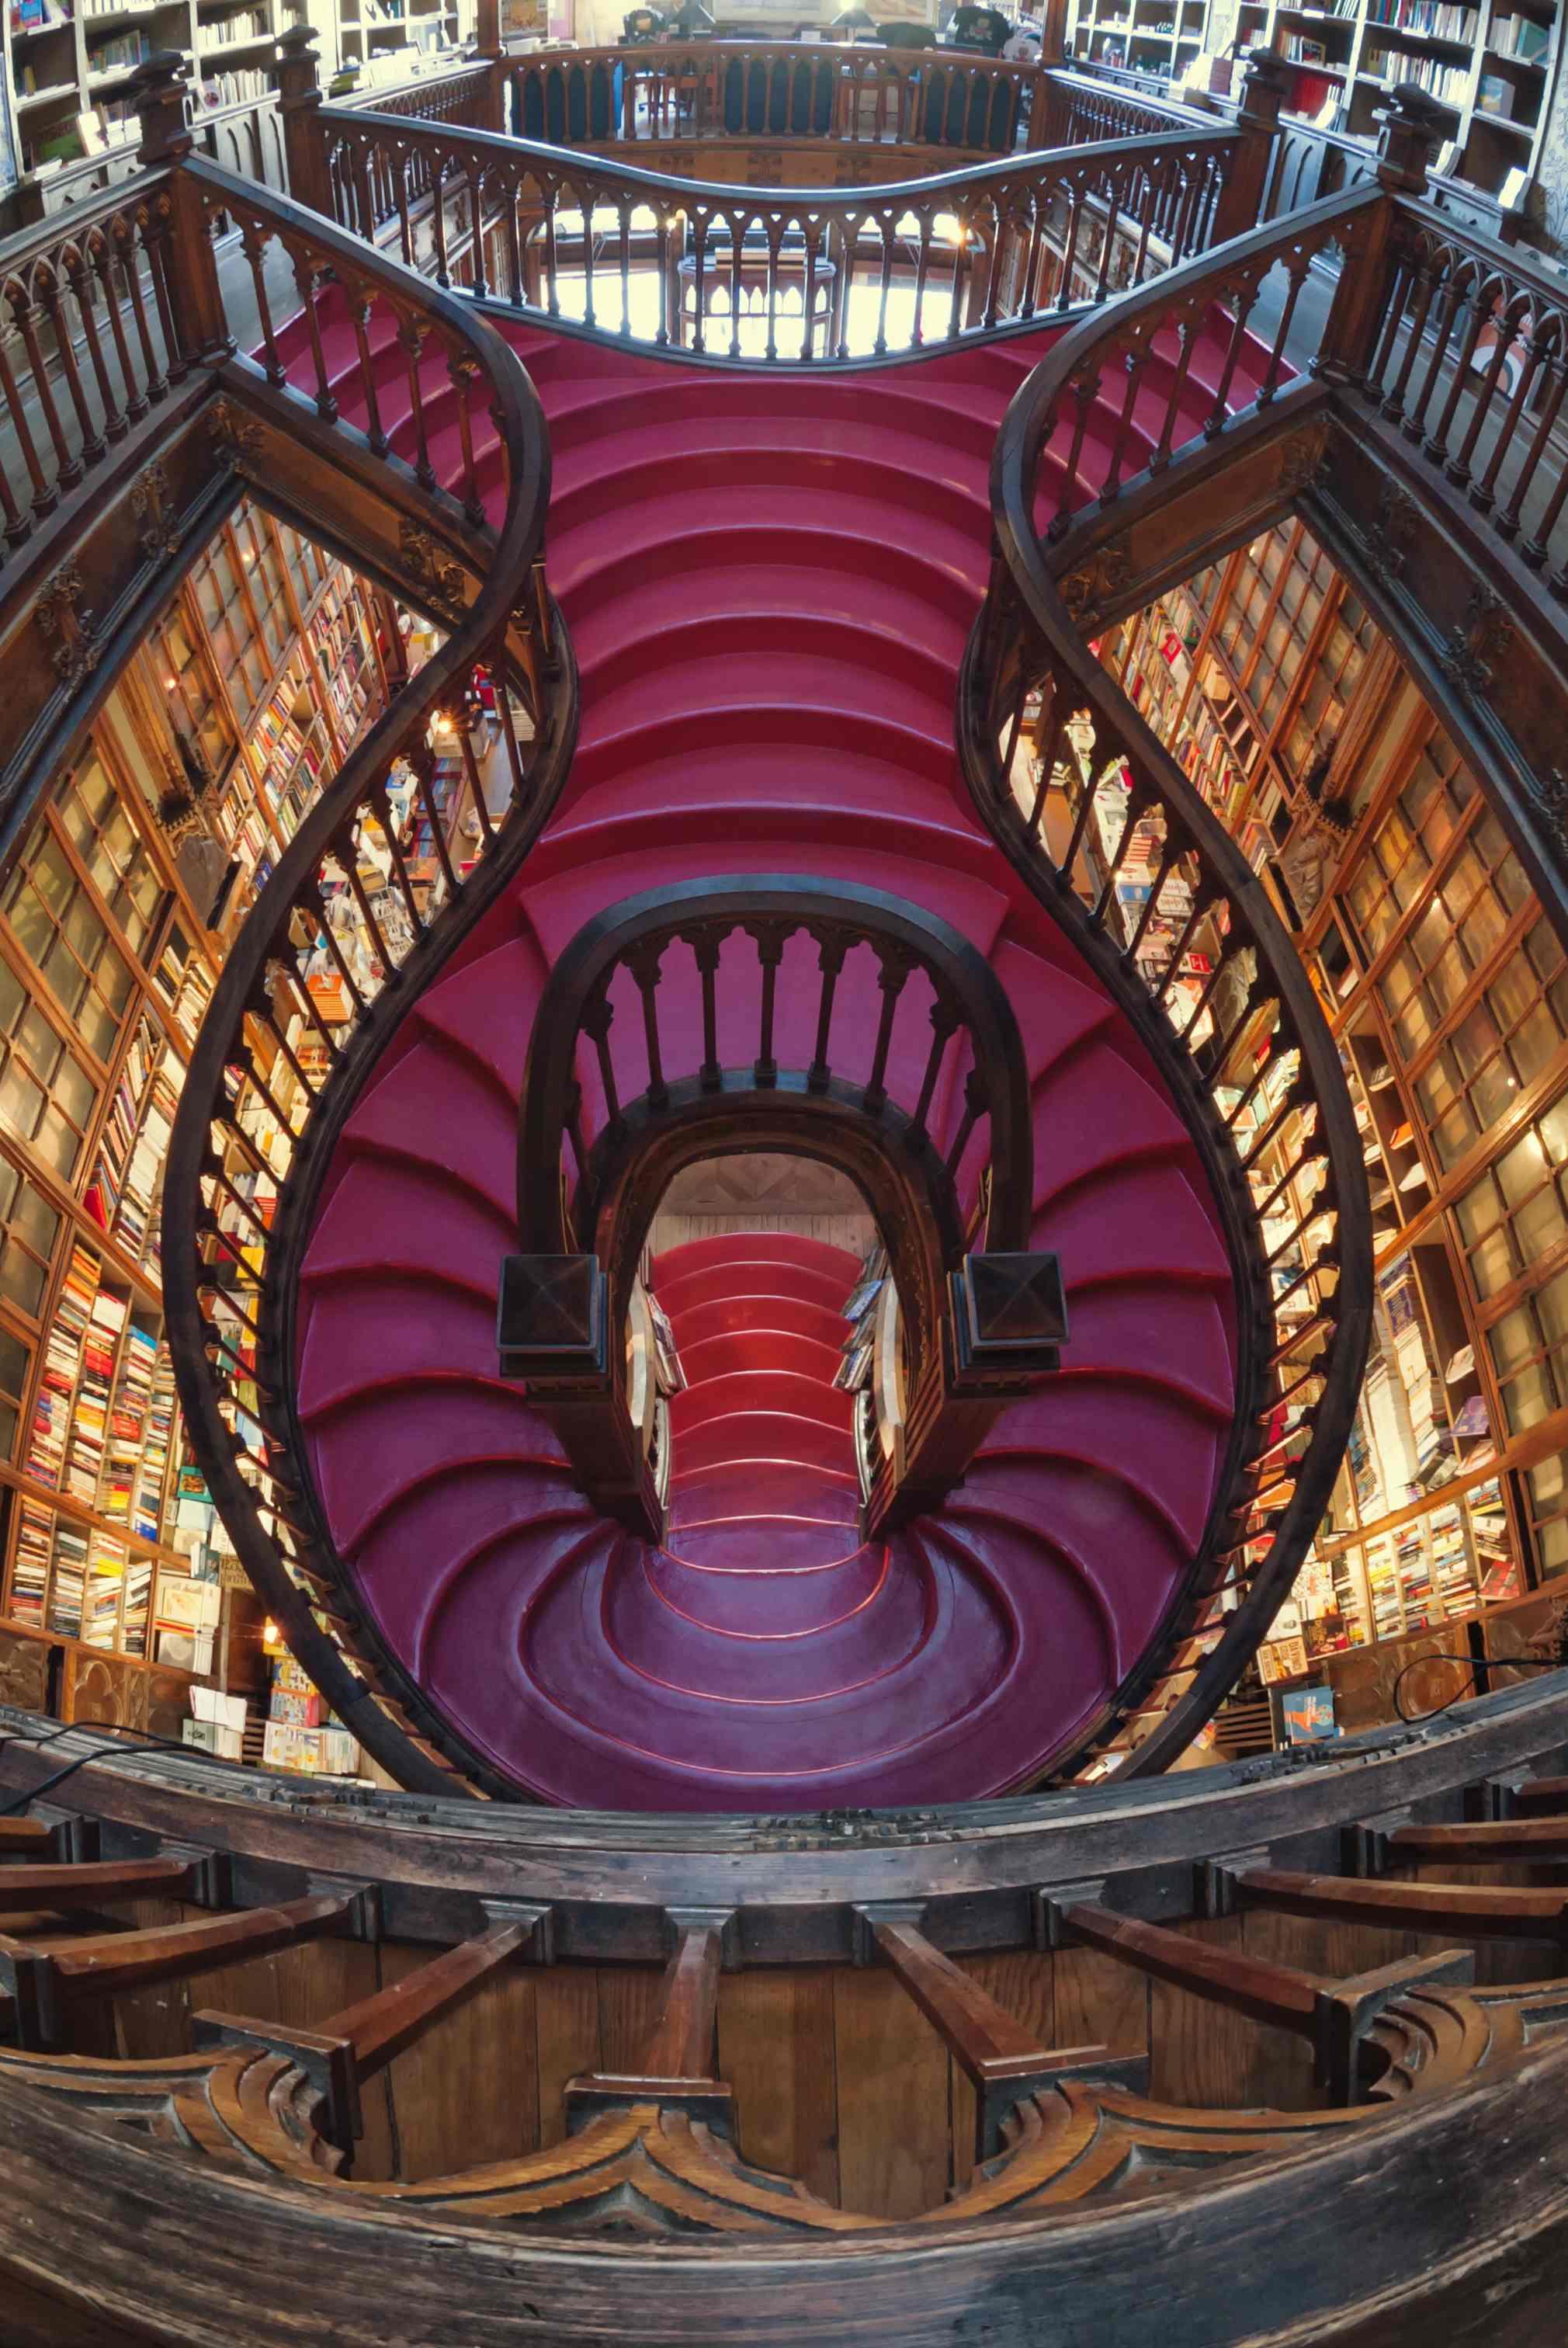 3536 1 - Las librerías más lindas del mundo para conocer